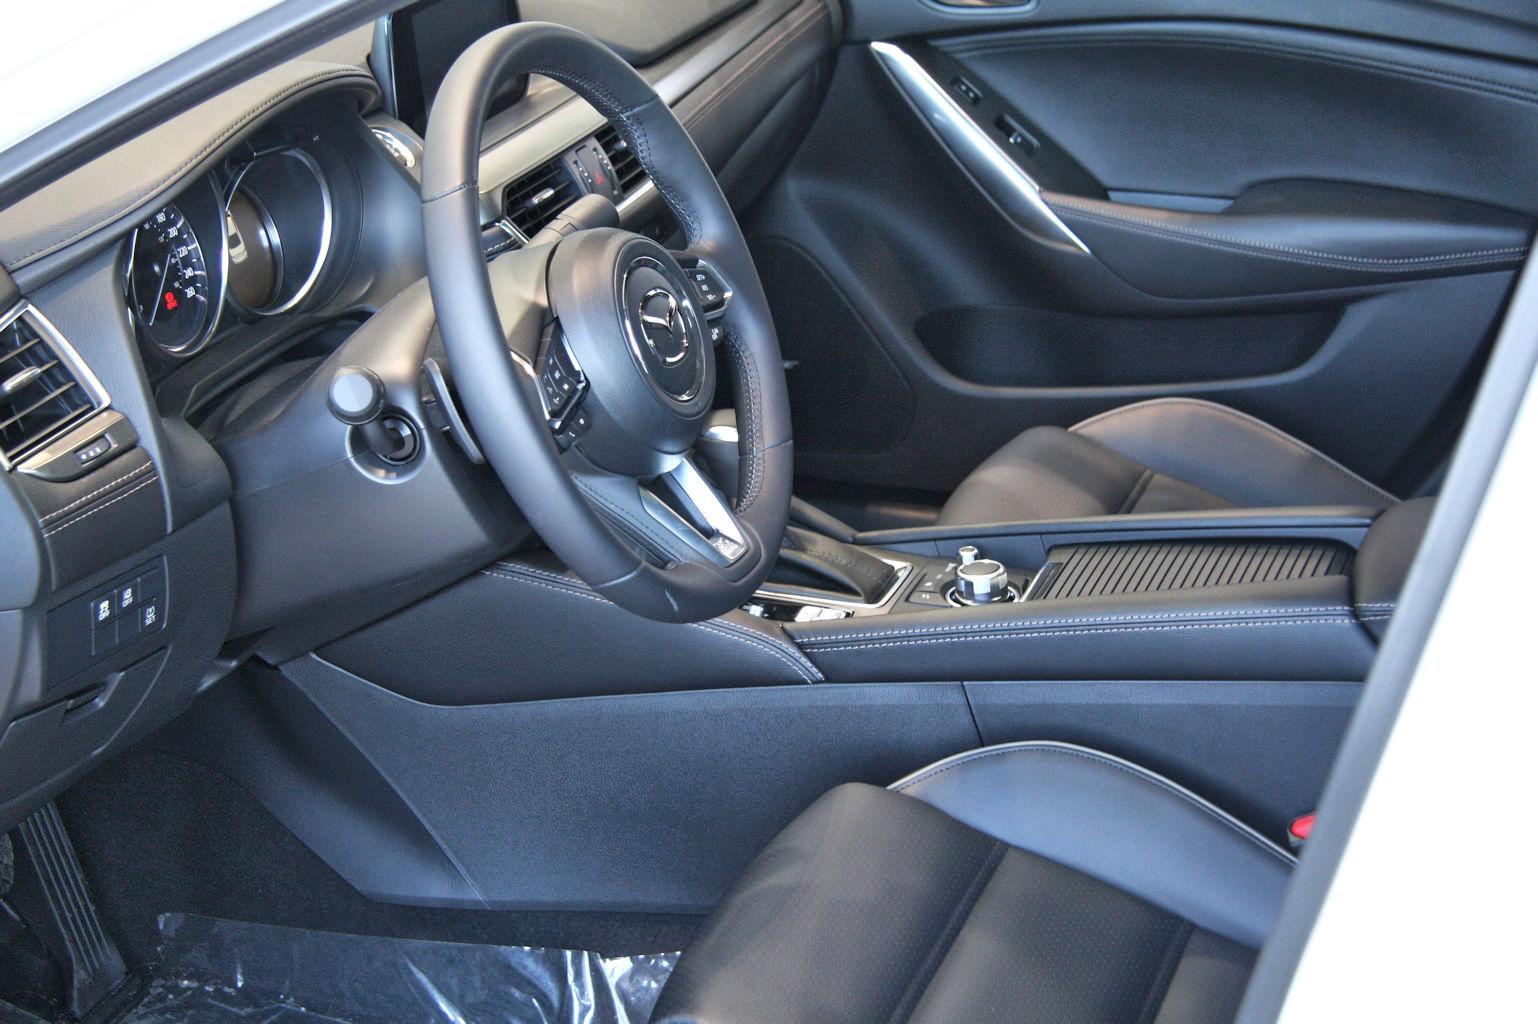 Used 2017 Mazda MAZDA6 in Calgary,AB